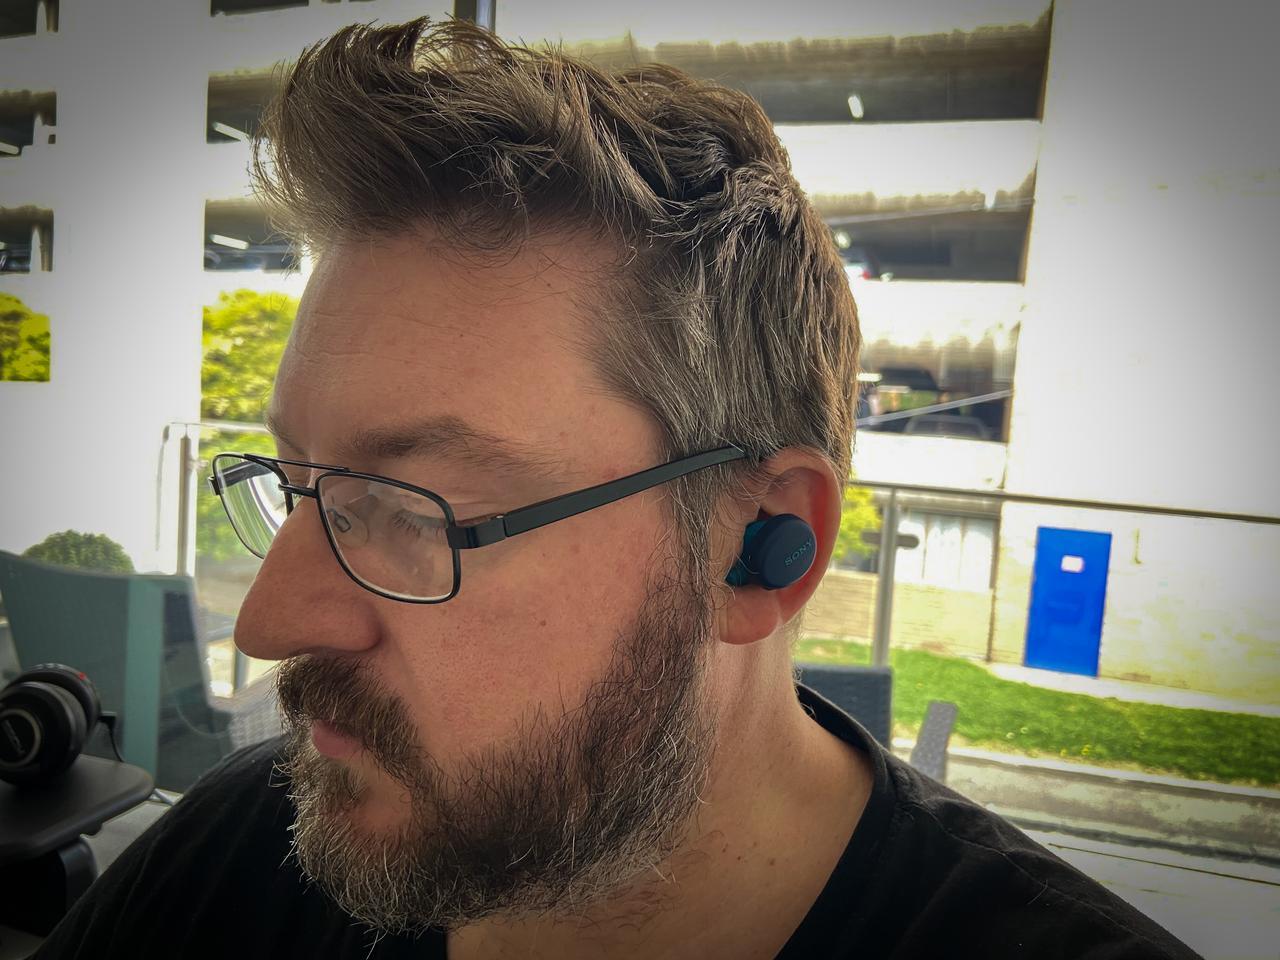 Loz models Sony's unusually shaped WF-XB700 true wireless earbuds